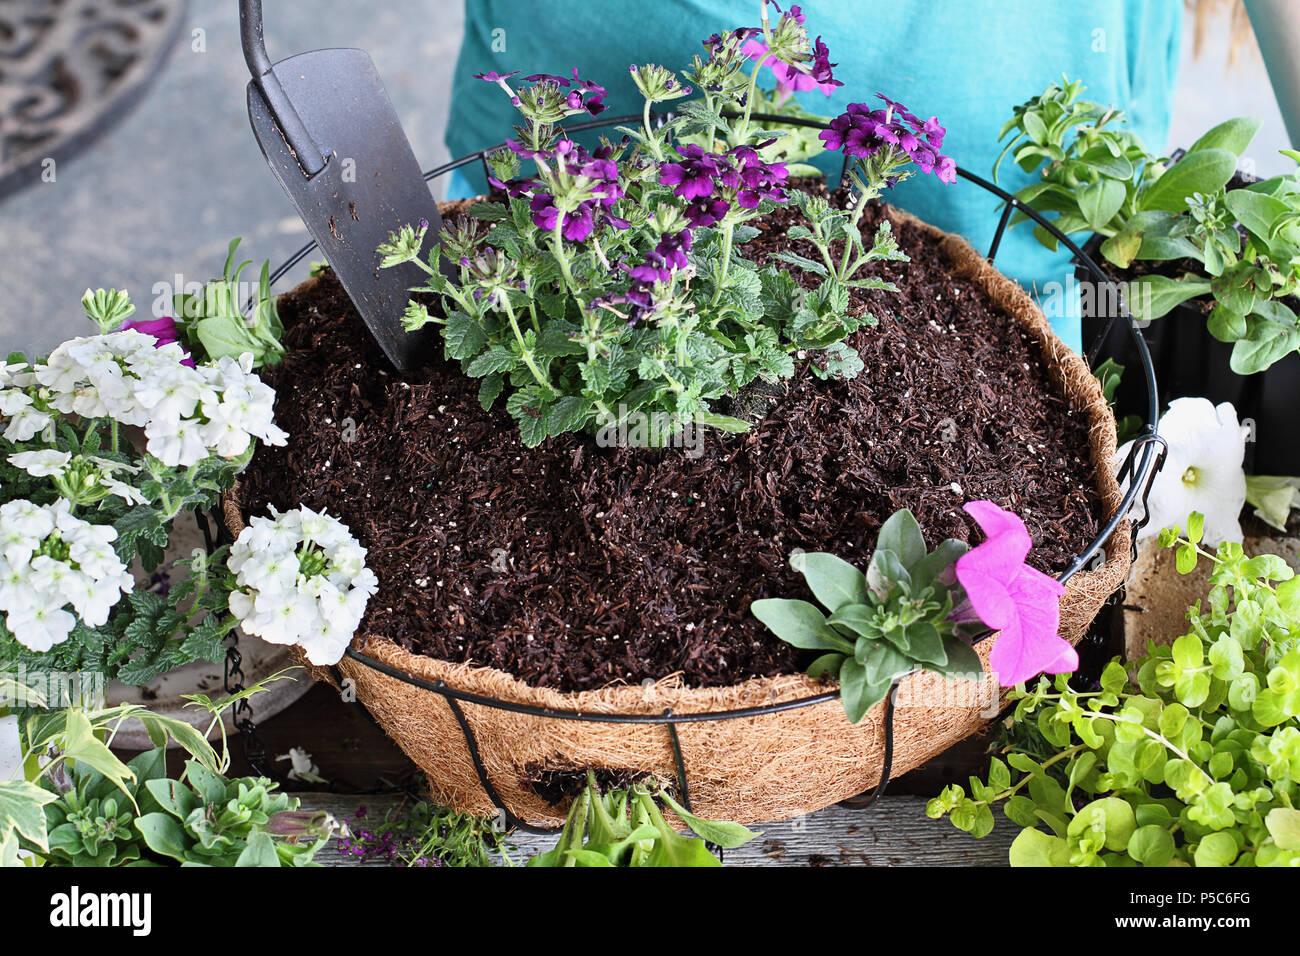 Demostración de un joven dando un tutorial sobre cómo plantar un colgaderas o en maceta de flores. Las flores incluyen la verbena, Petunias, sigilosas Jenny Foto de stock